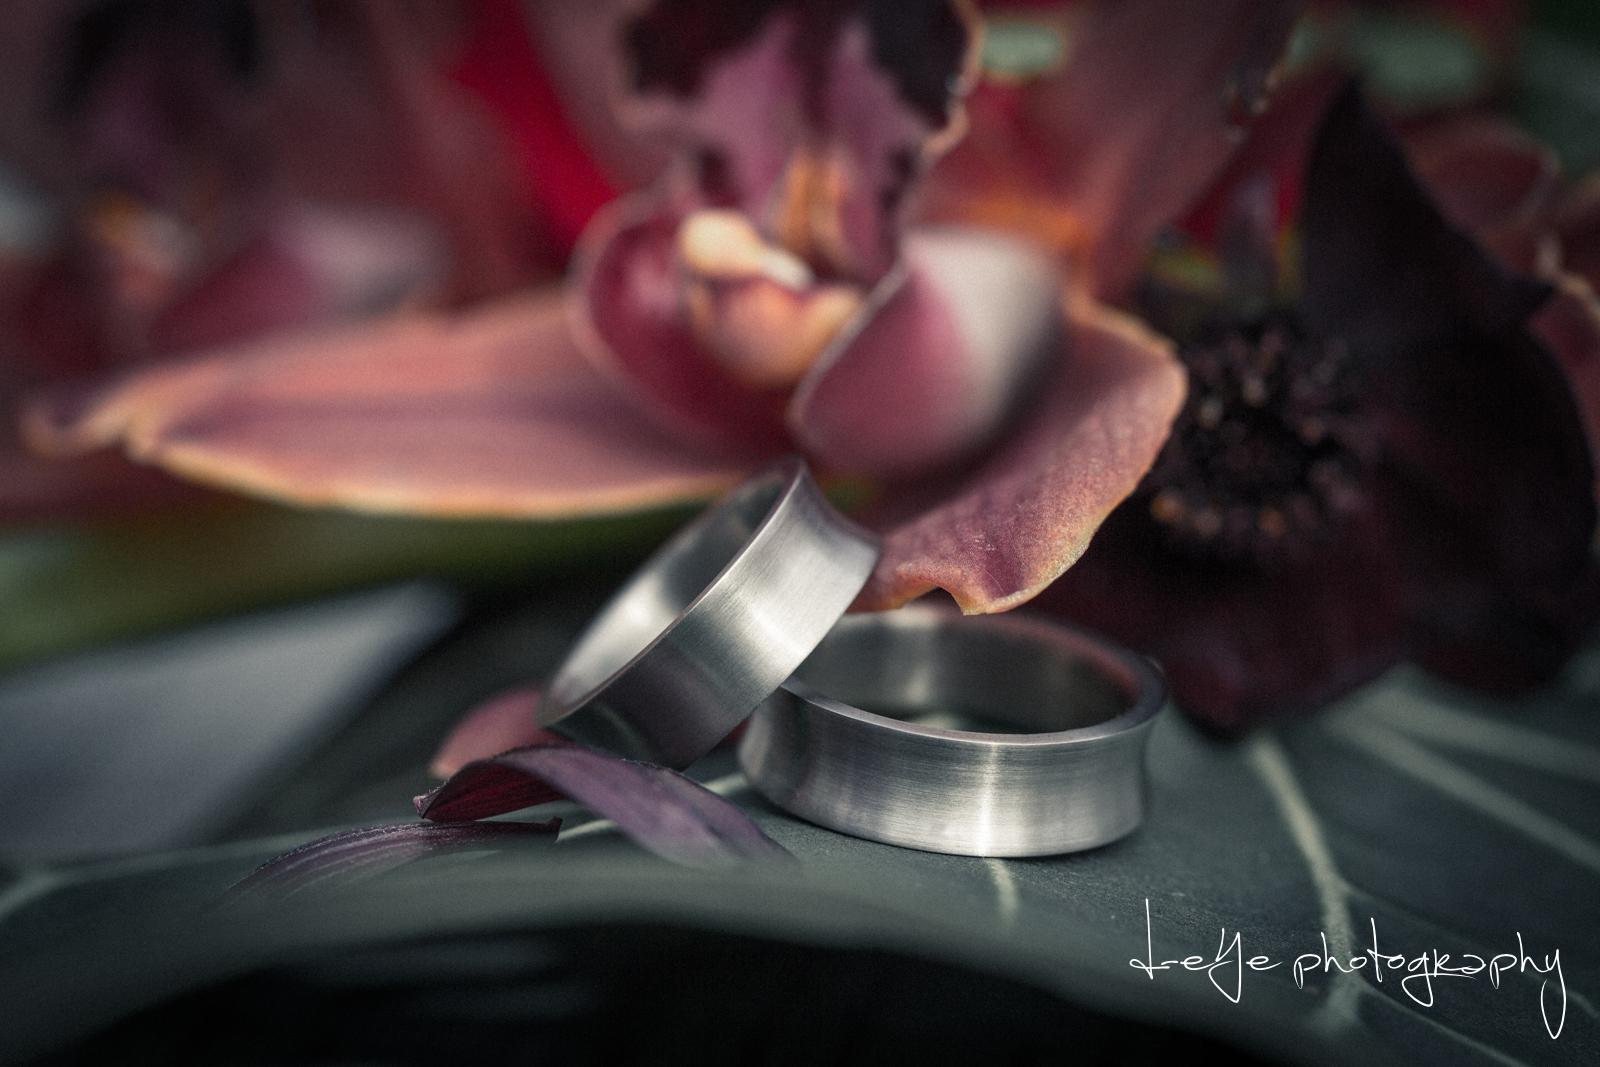 Trouwringen en orchidee. Foto D eYe Photography